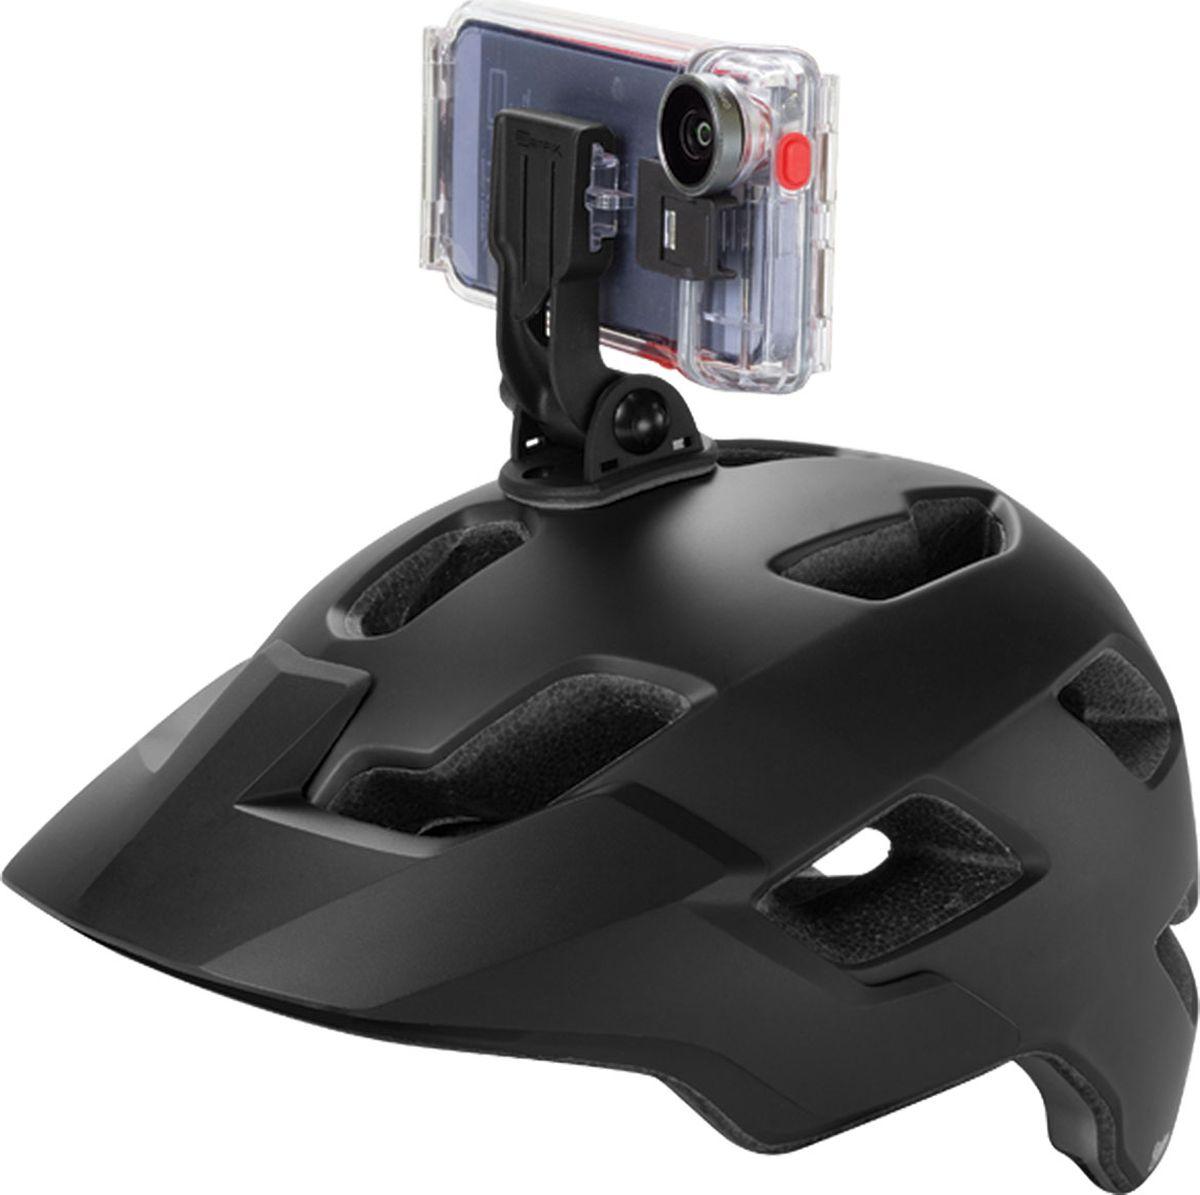 Optrix FS-94696, Black крепление для смартфона на шлемFS-94696В комплект входит все необходимое для крепления чехла Optrix к шлему: оригинальный скотч 3М™ и 2 изогнутых крепления. Страховочный тросик и стяжки для дополнительного крепления в неблагоприятных условиях. • Подходит для большинства шлемов • Входит 2 изогнутых крепления, страховочный тросик, стяжка, кронштейн • Легко удалить нагревая феном • Оригинальный скотч 3М™ промышленной прочности • Подходит ко всем чехлам Optrix by Body Glove